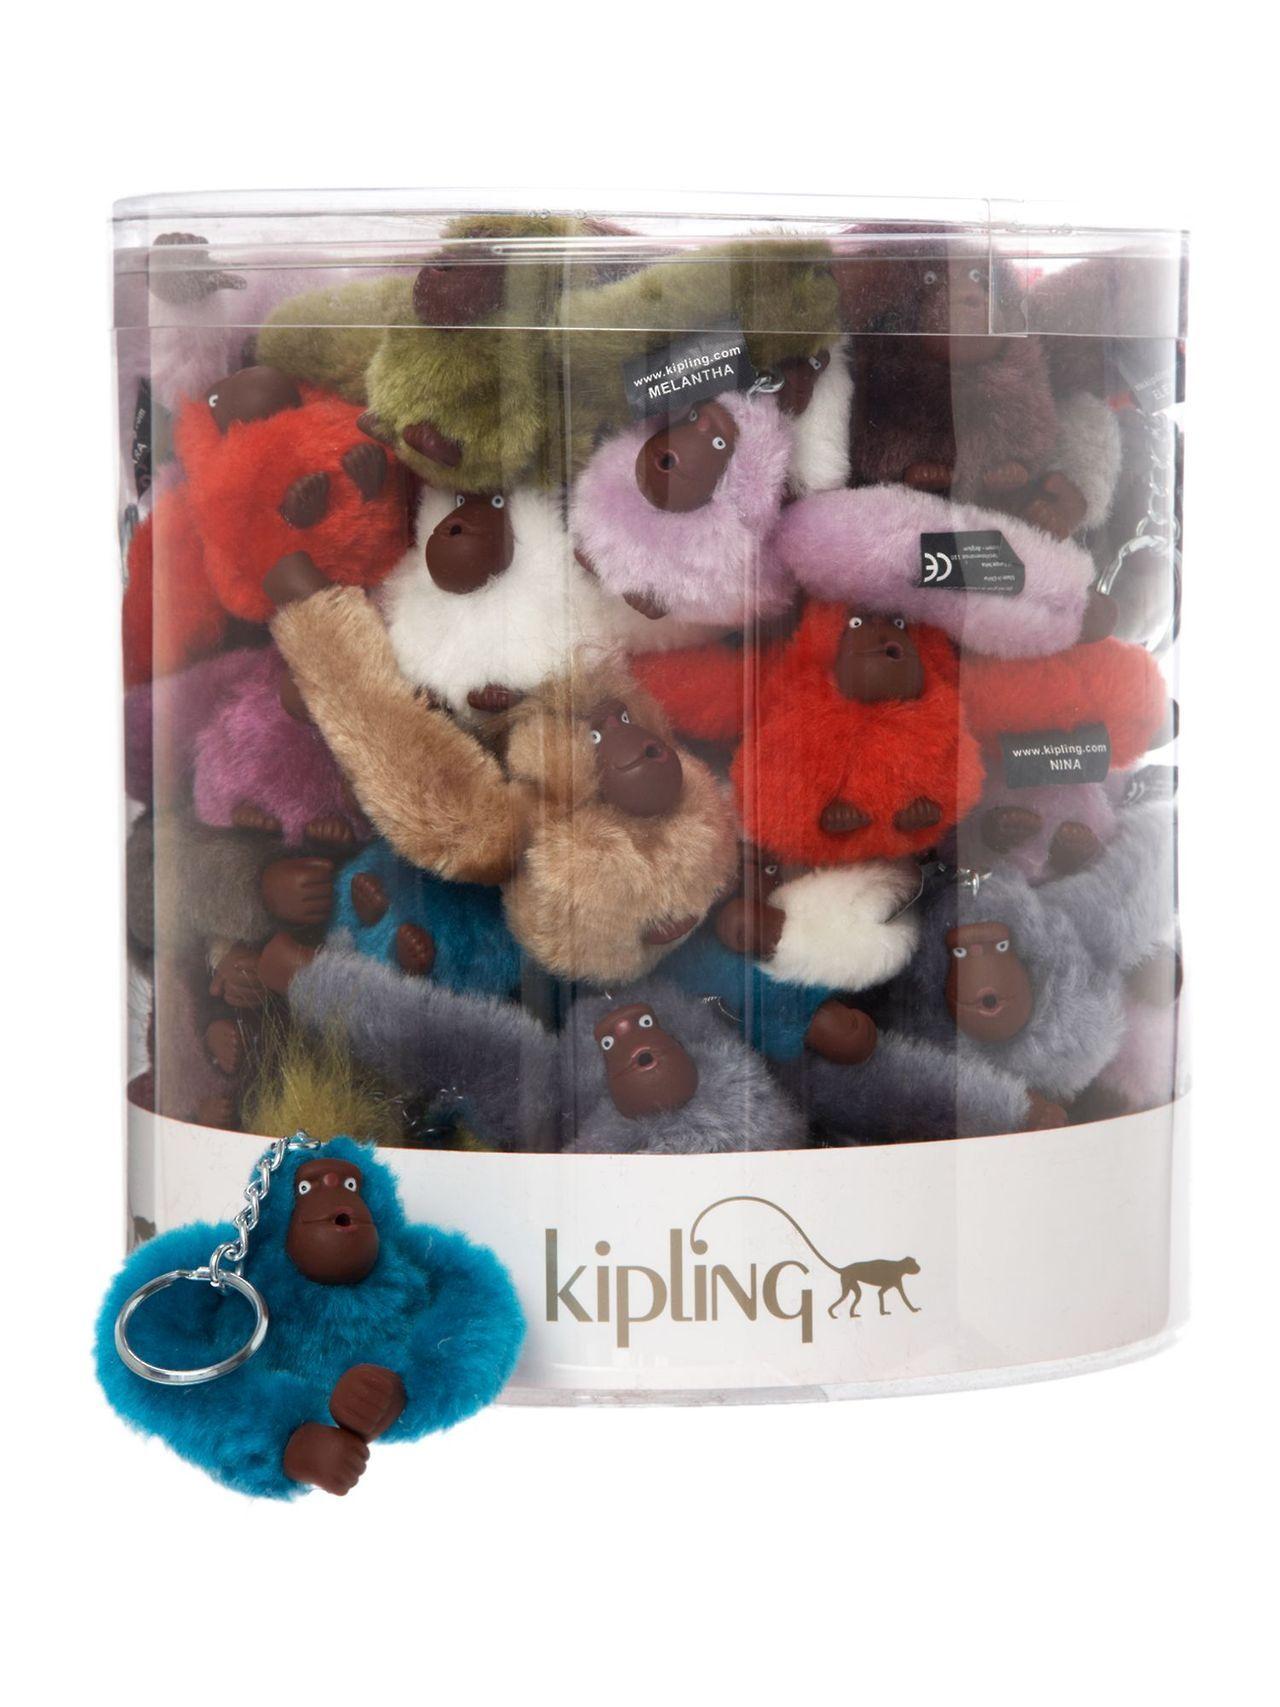 d5844084d Kipling Monkeys :) Llavero Bonito, Cosas Guays, Cosas Lindas, Mochila De  Moda